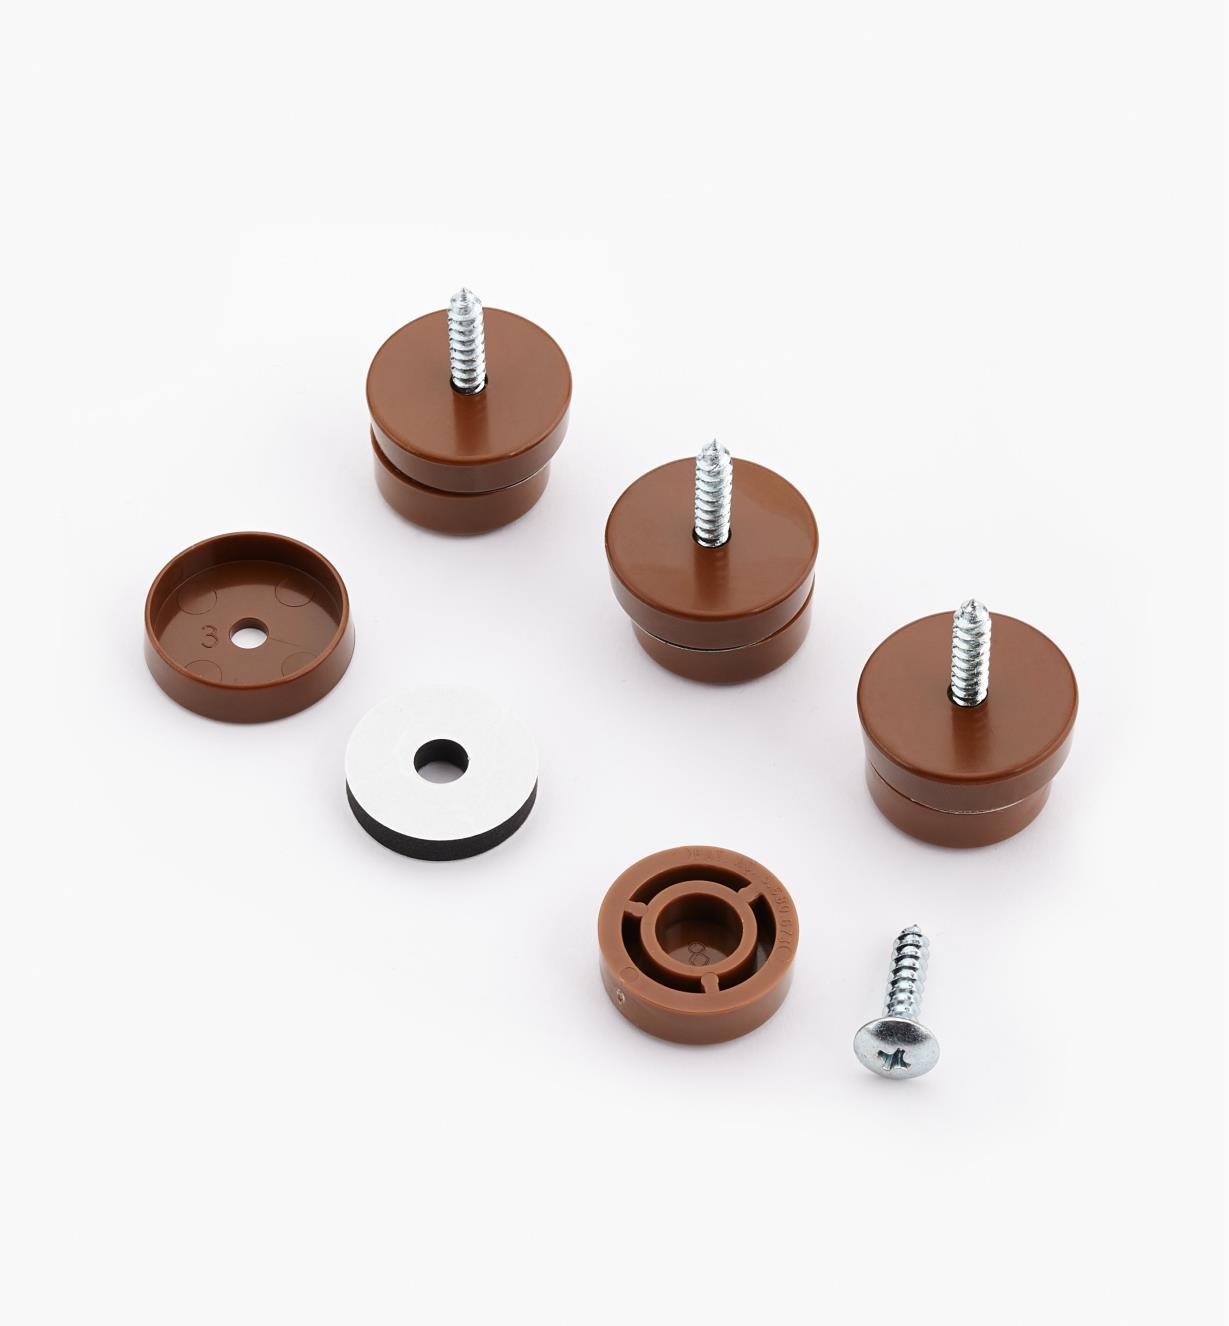 93K8352 - Patins de 1po de diamètre, brun, le paquet de4